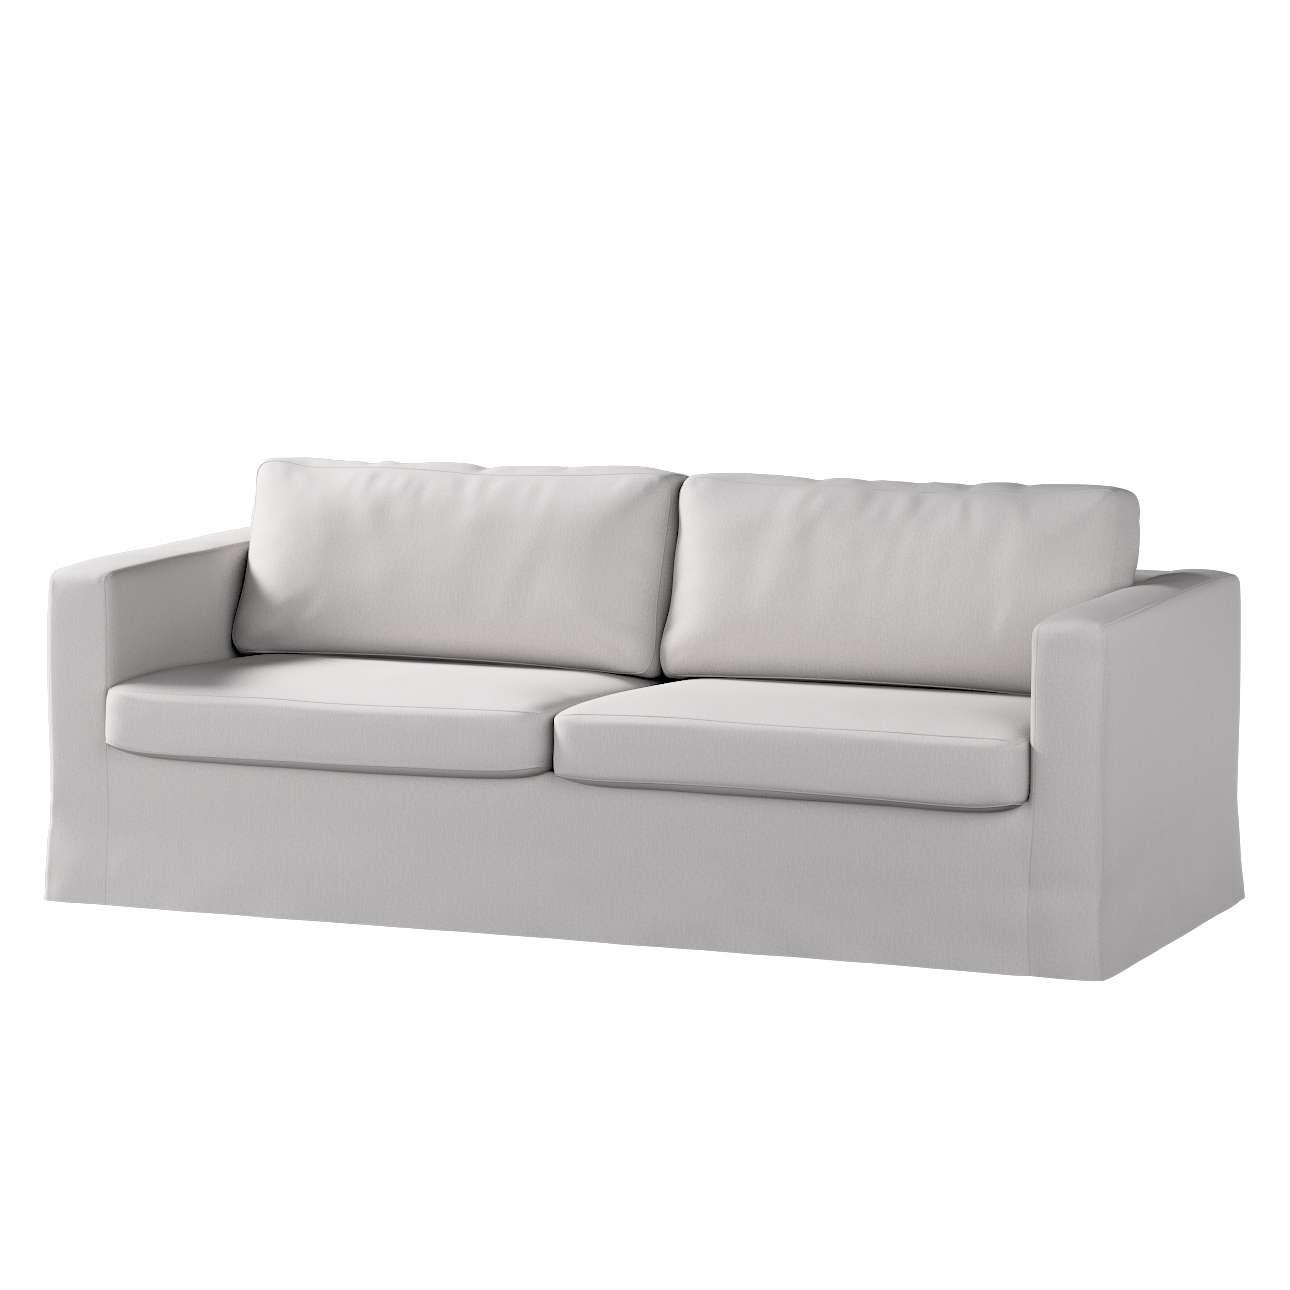 Pokrowiec na sofę Karlstad 3-osobową nierozkładaną, długi Sofa Karlstad 3-osobowa w kolekcji Chenille, tkanina: 702-23